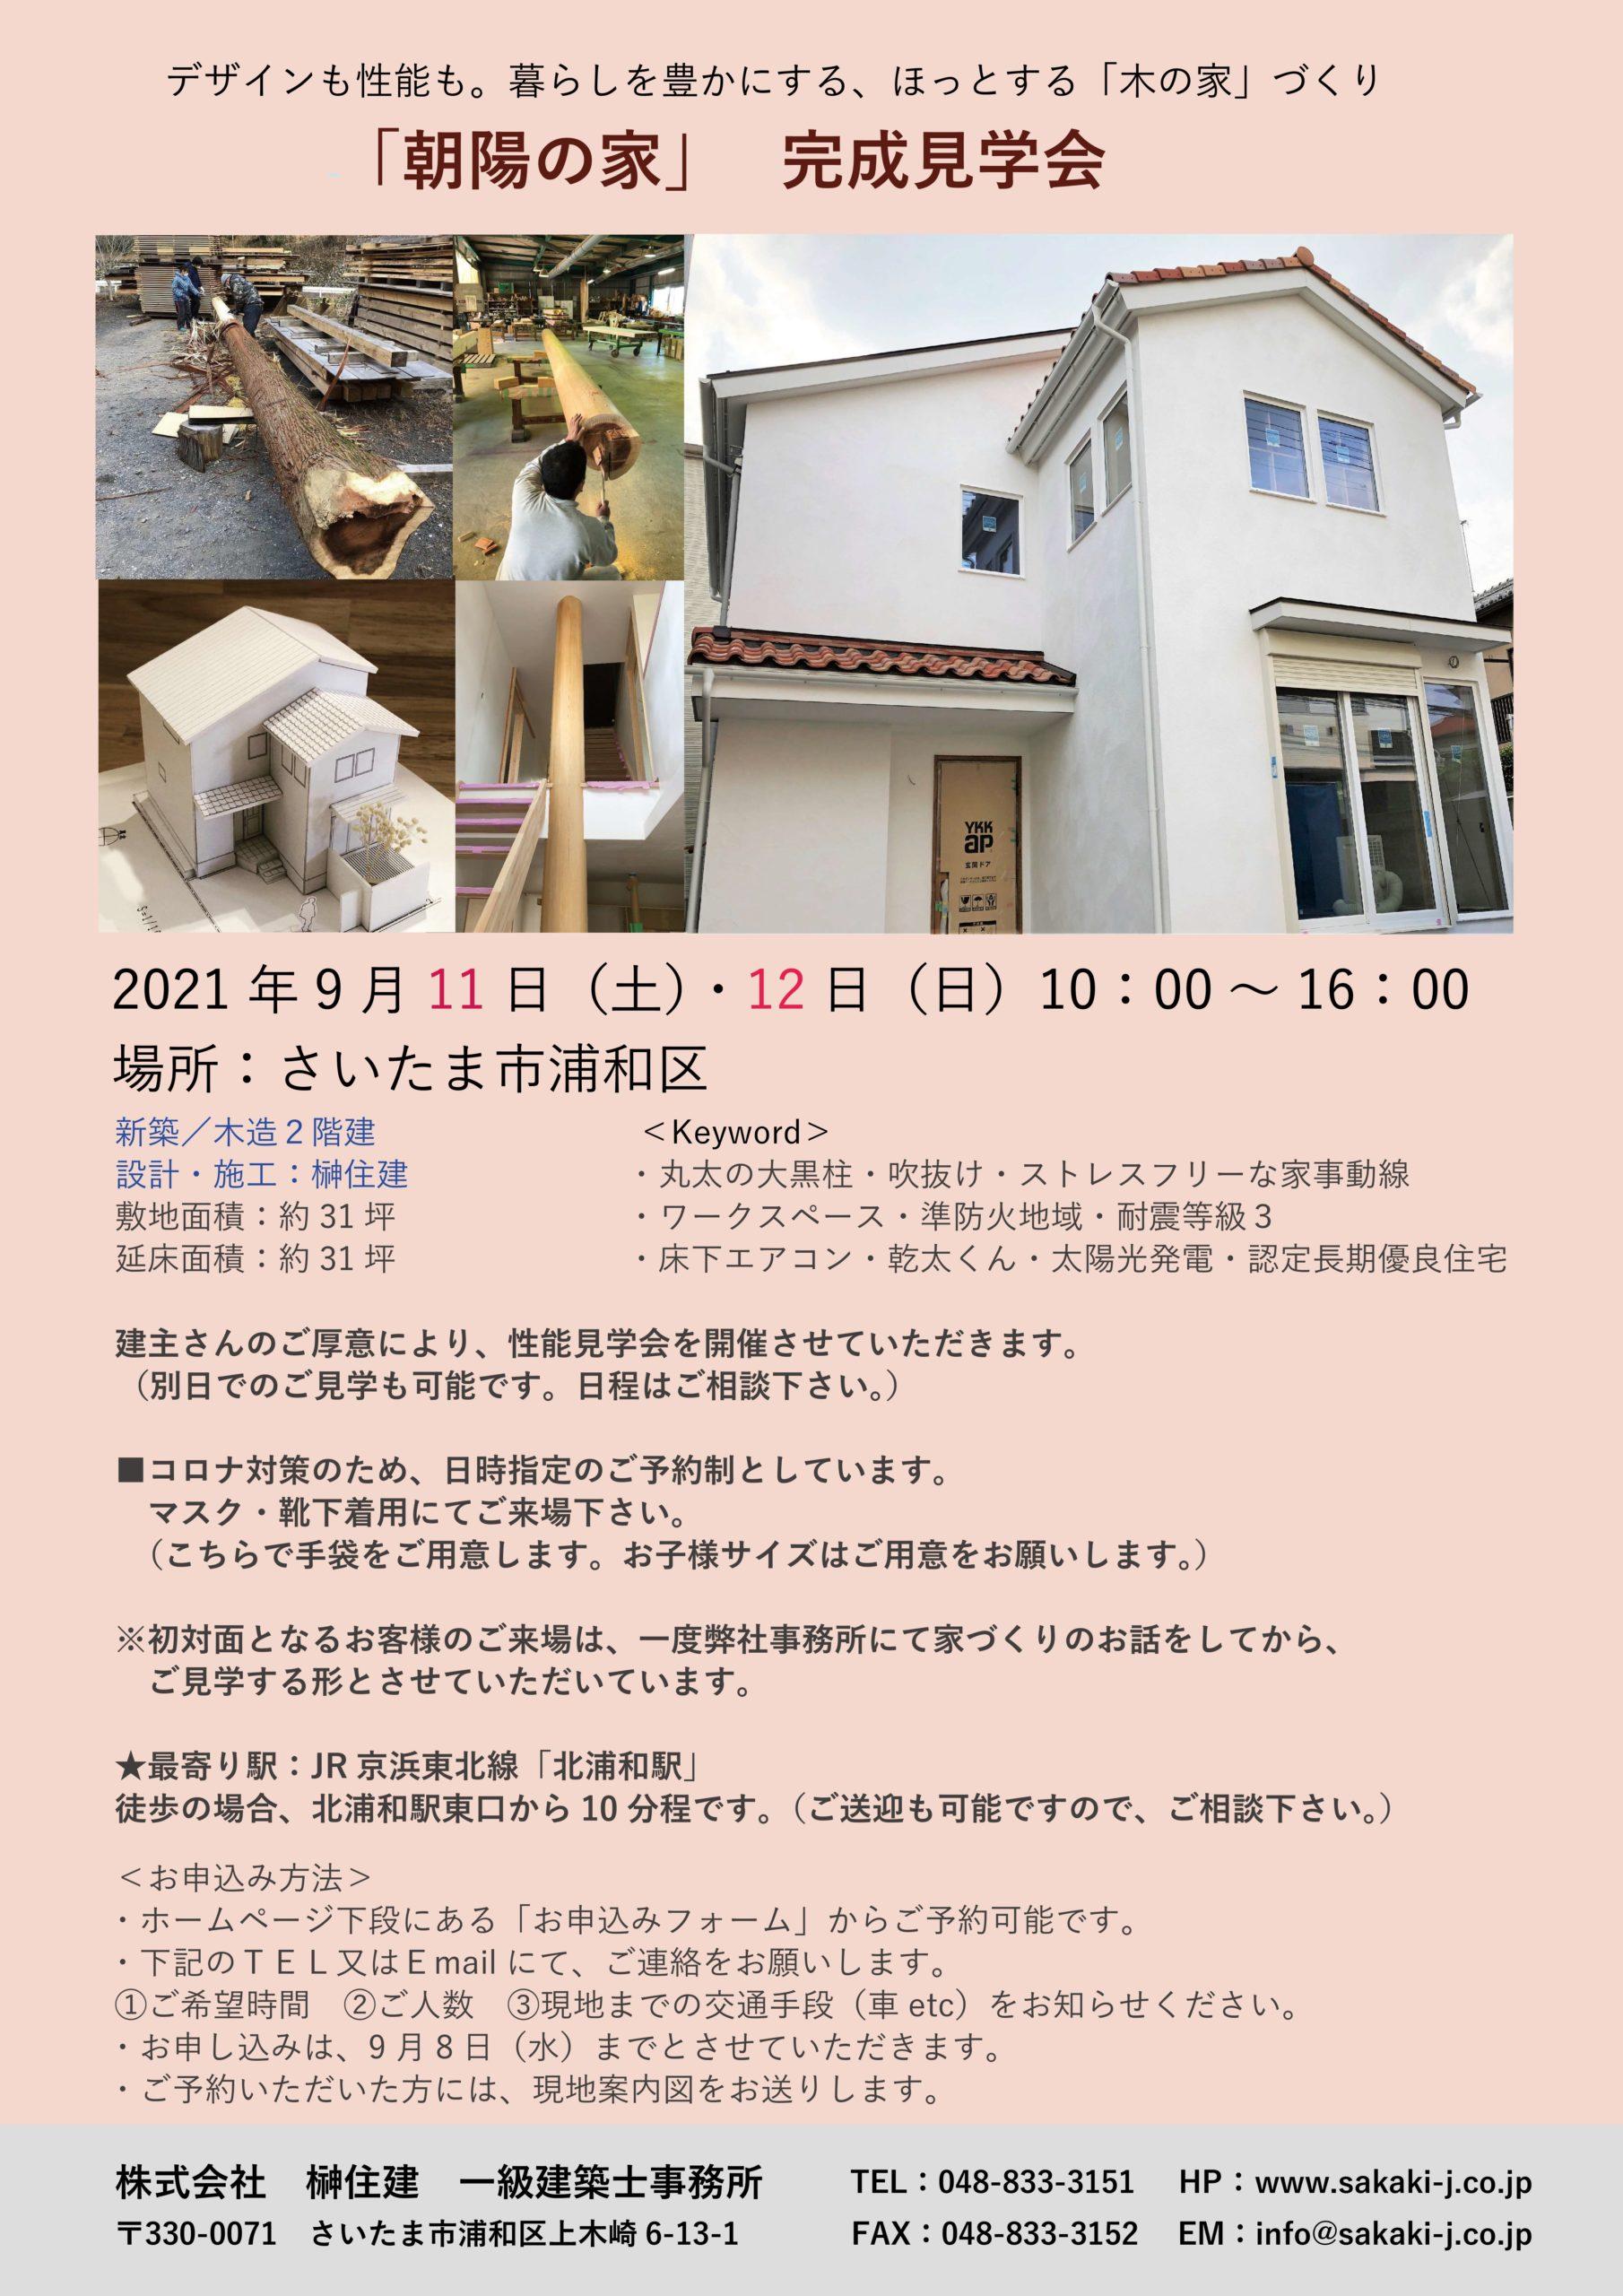 9/11(土)・12(日)【朝陽の家】完成見学会